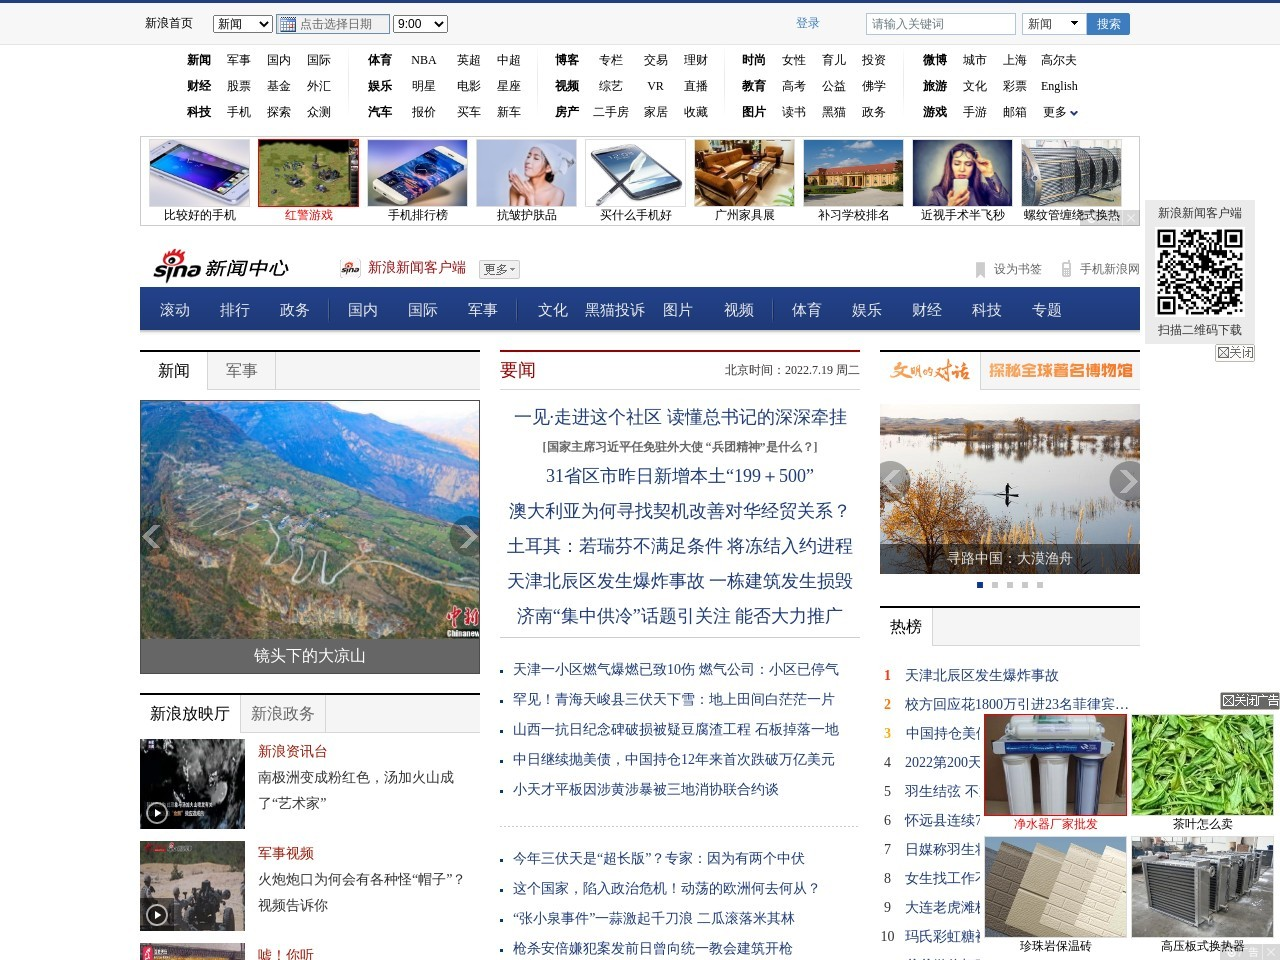 中国将在宁波象山建第五航天发射场 宁波 中国 象山_新浪新闻